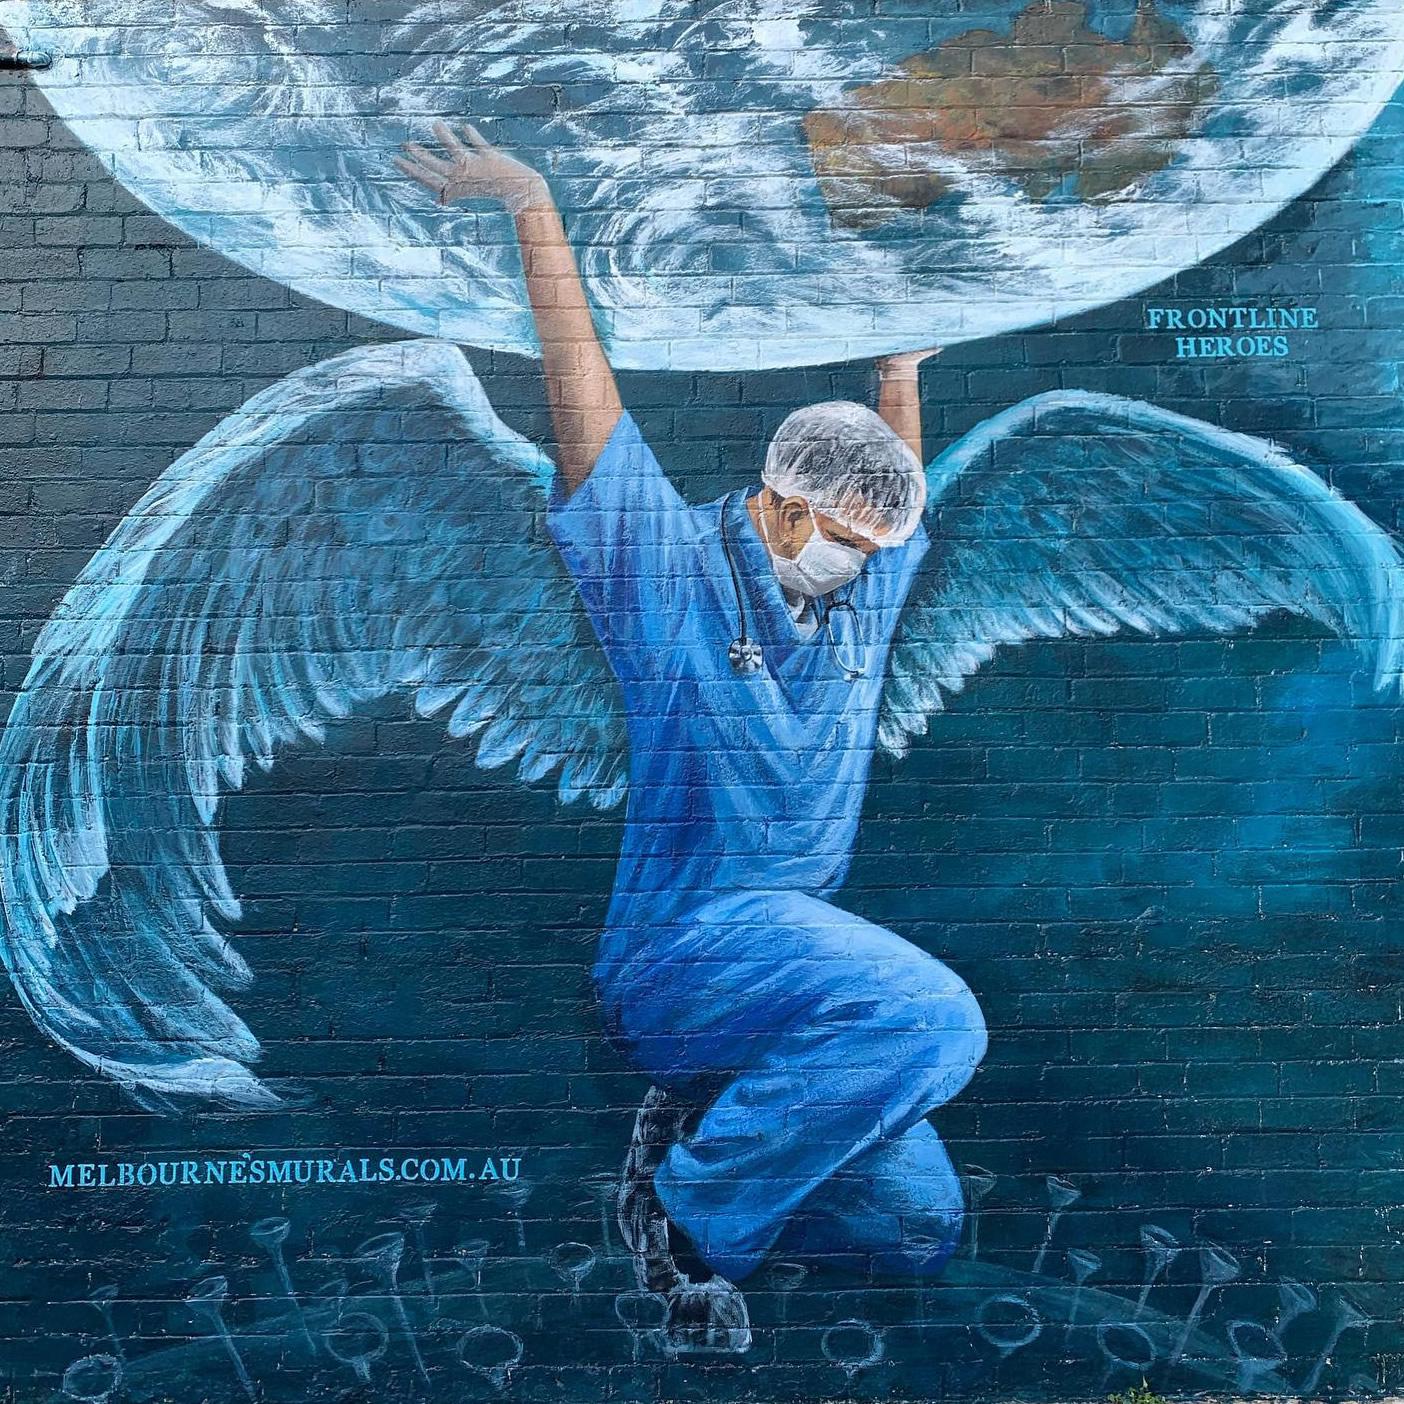 Frontline-Heroes-Melbournes-Murals-and-Interior-Design